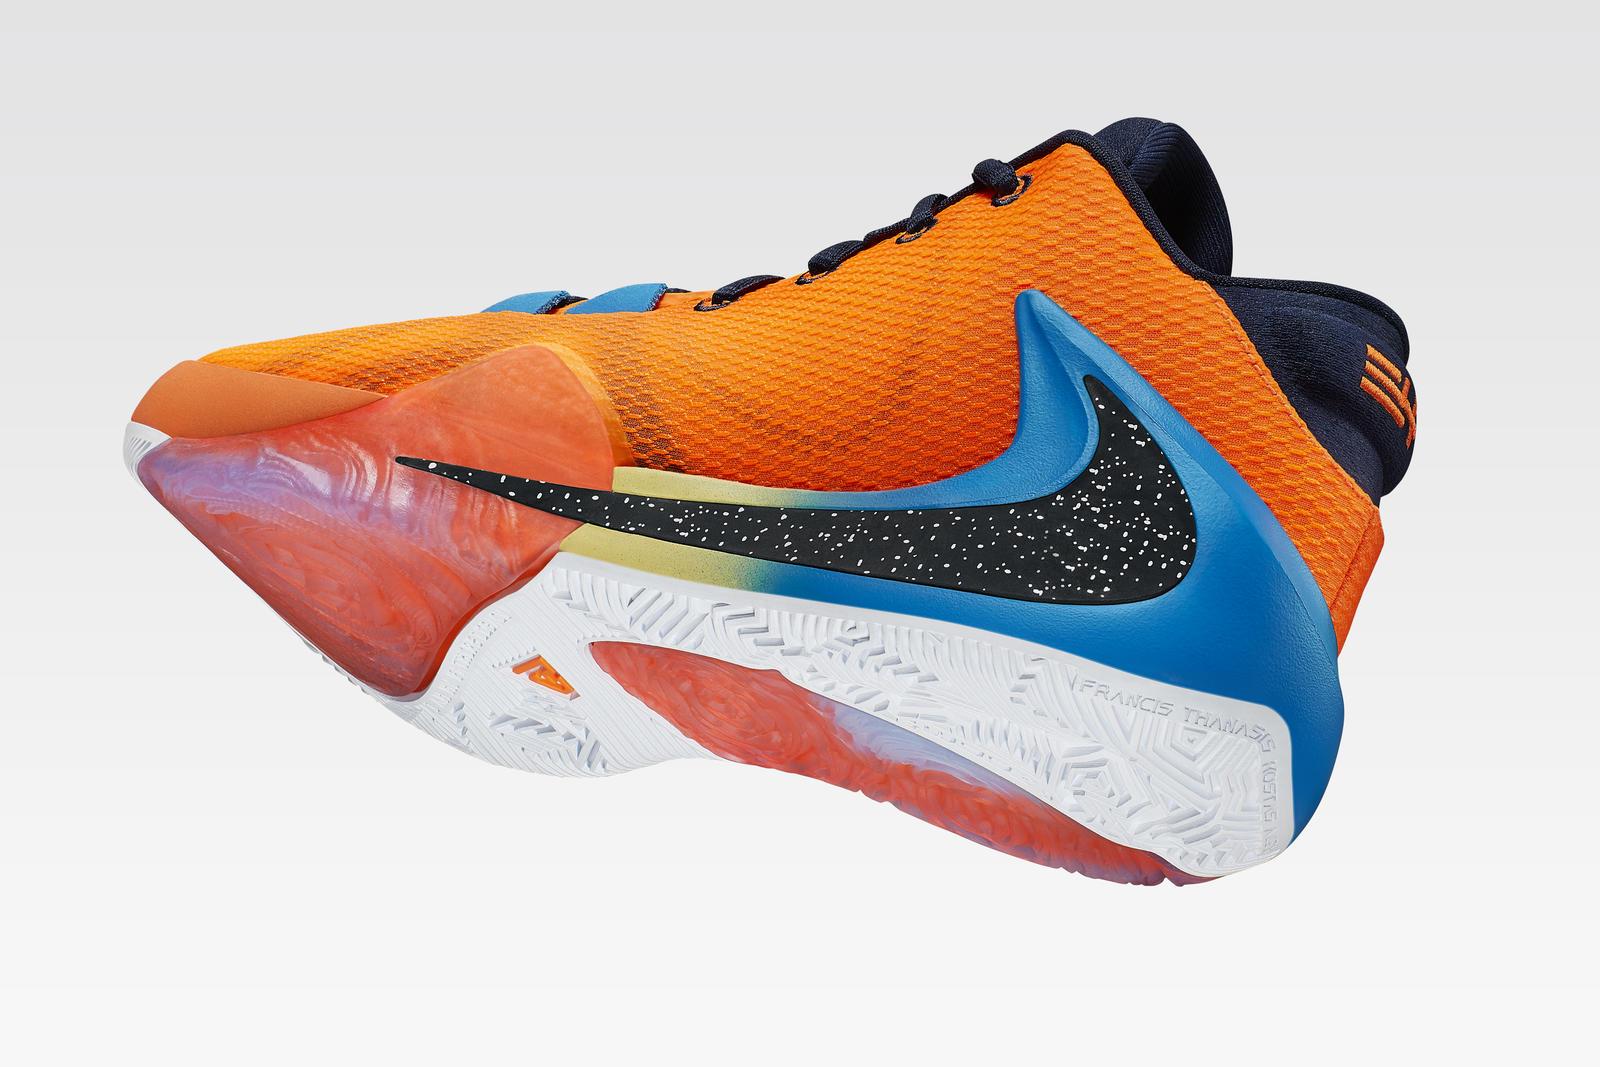 Dévoile Giannis Nike De Freak Air Zoom Signature La Shoe 1 kXlPTwOiuZ